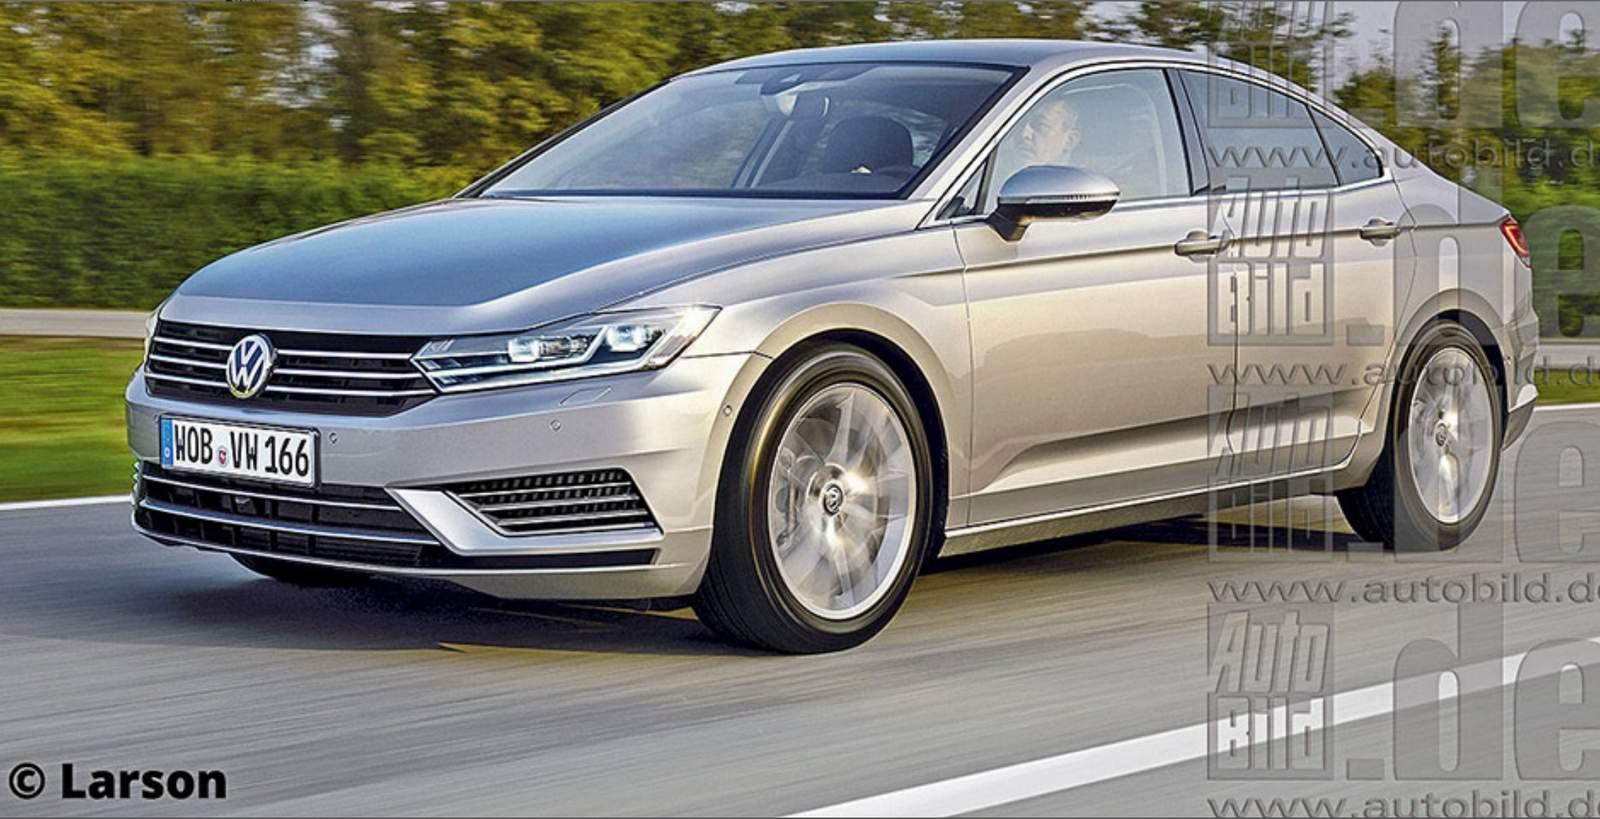 2017 Jetta S >> Nova VW Jetta chega em 2017 maior e mais tecnológico | CAR.BLOG.BR